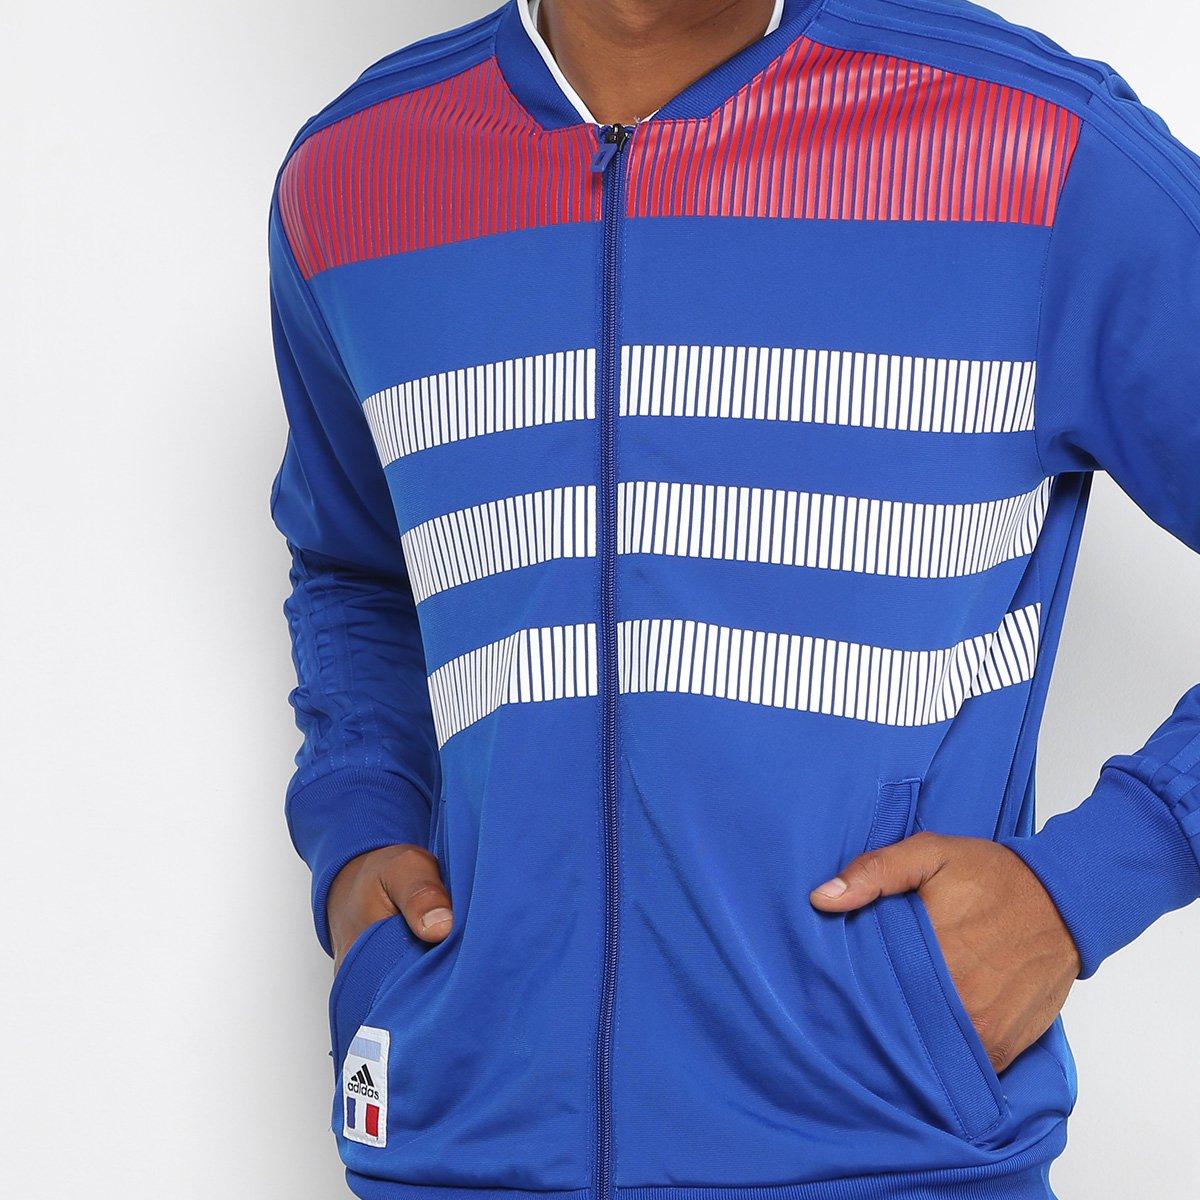 Jaqueta França CI Adidas Masculina - Azul e Branco - Compre Agora ... 5d27bf965439f